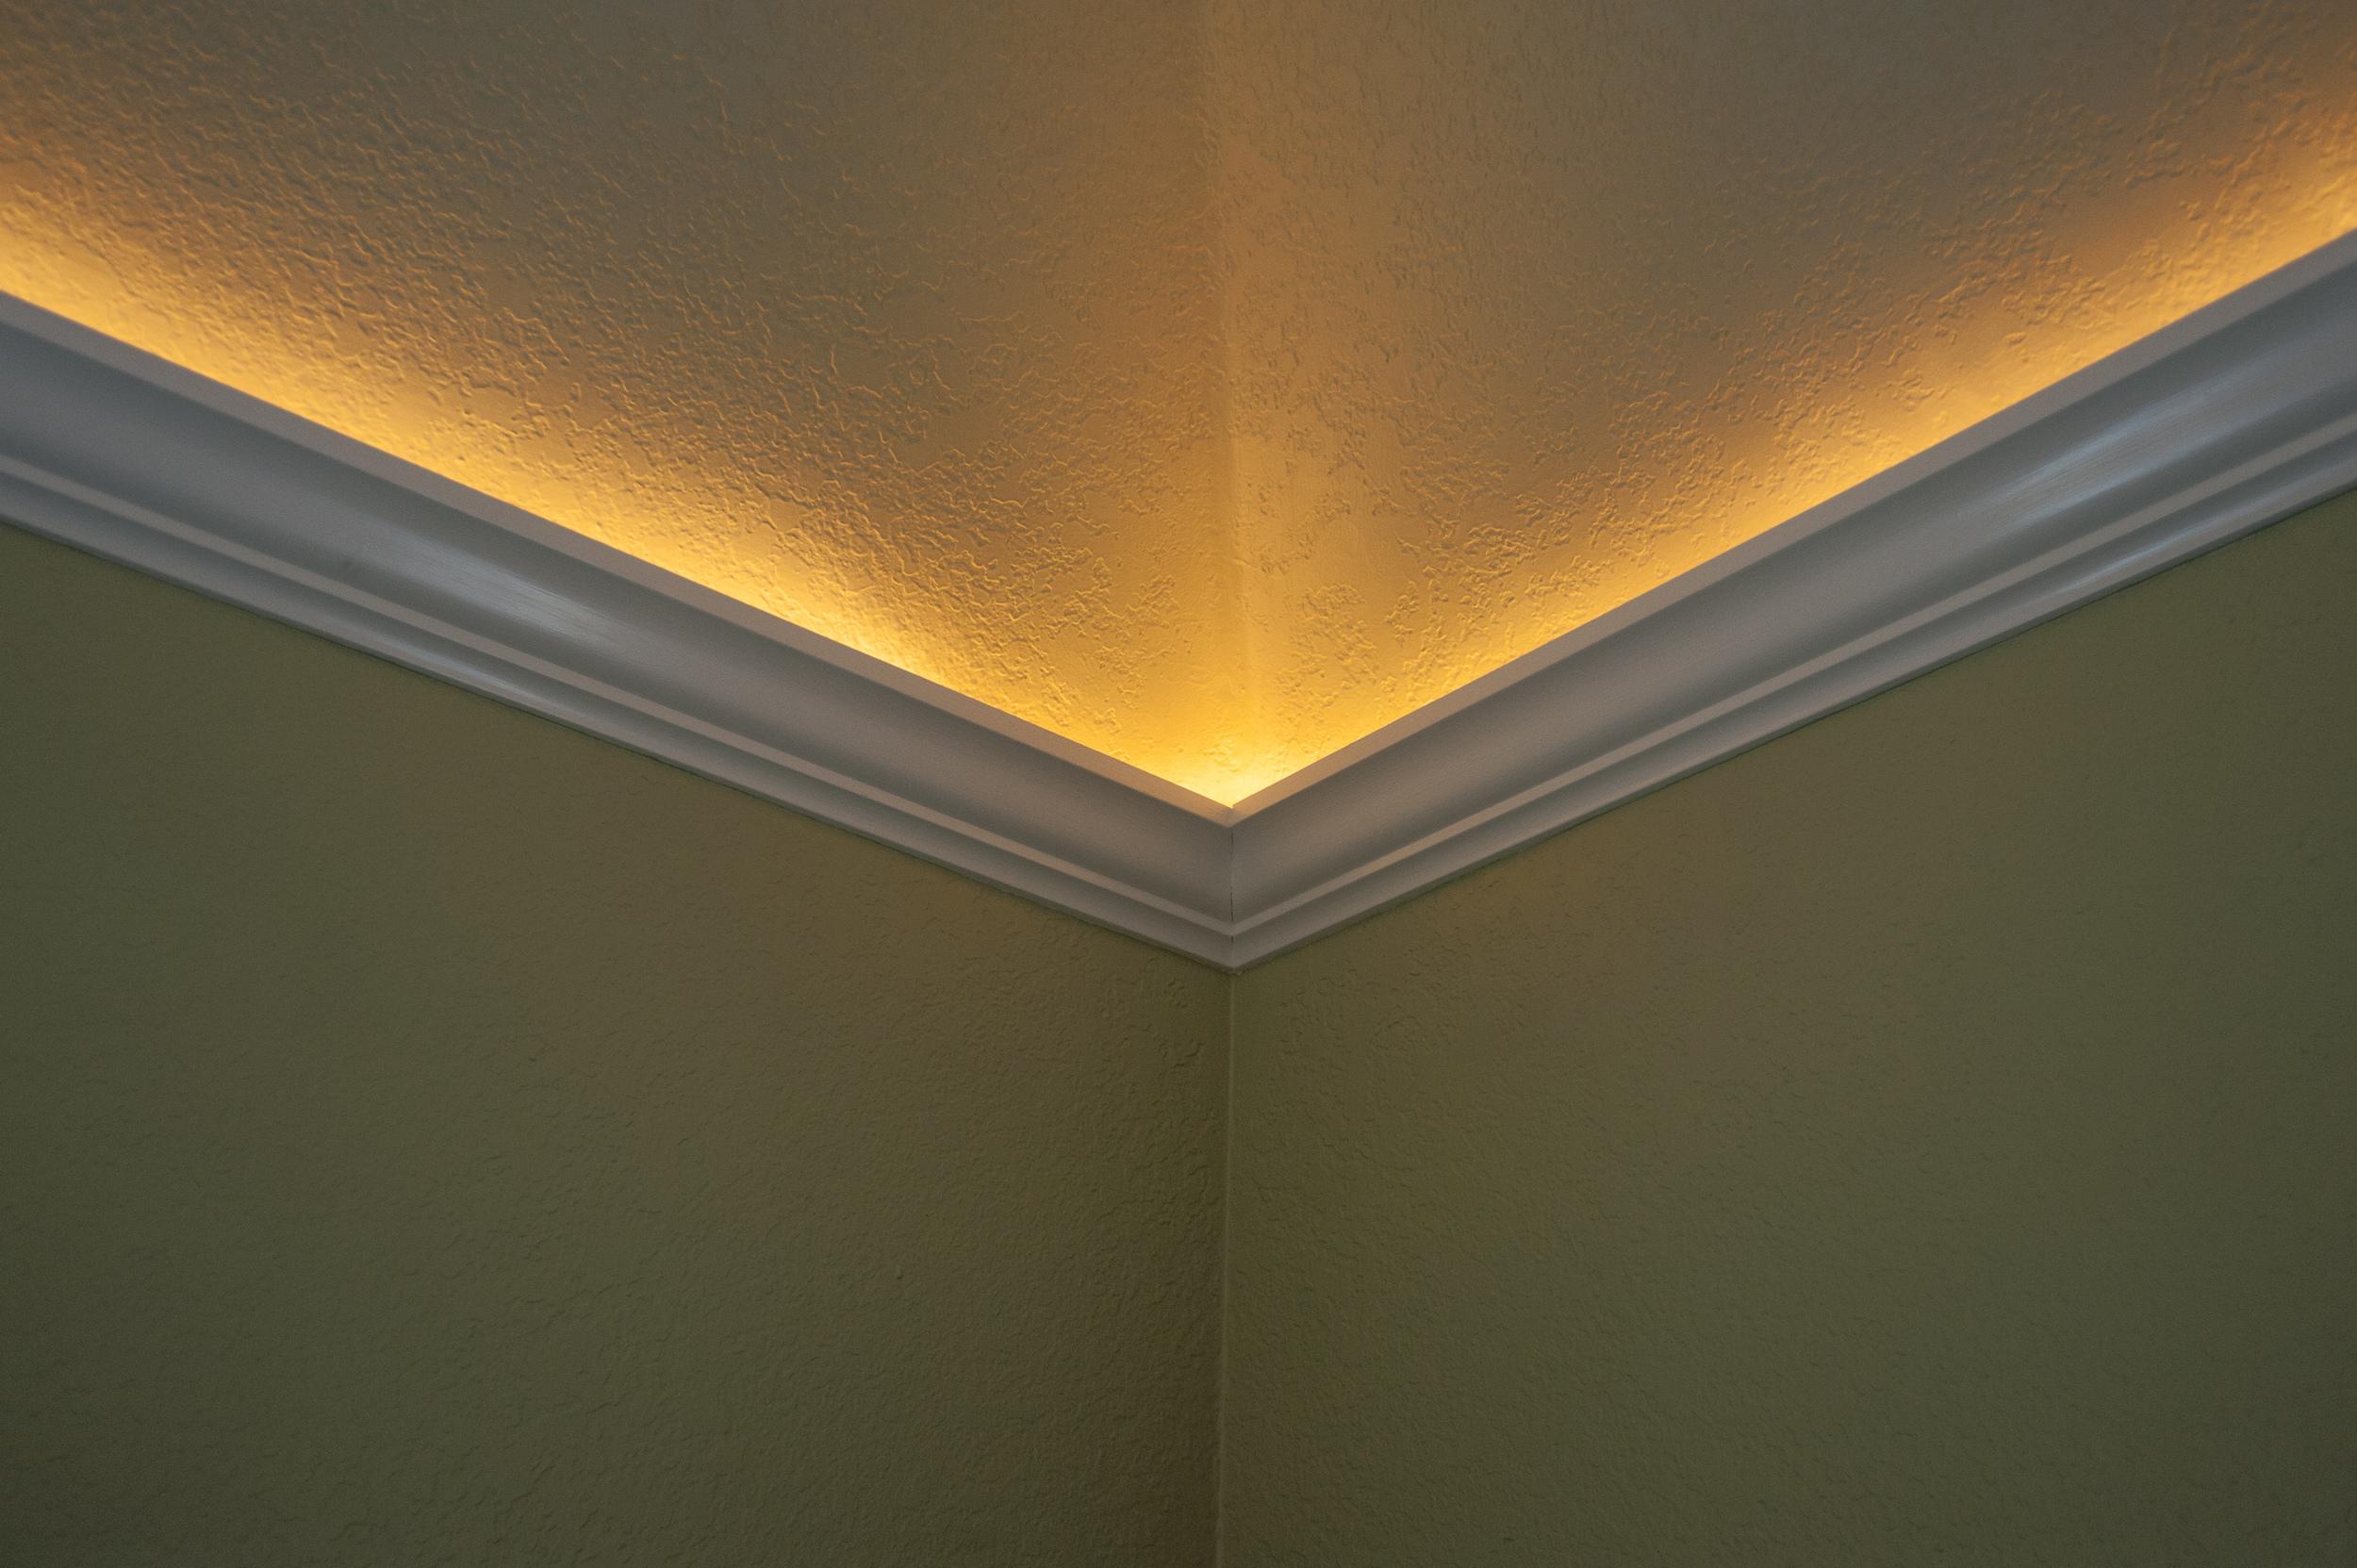 crown moulding lighting 5.jpg